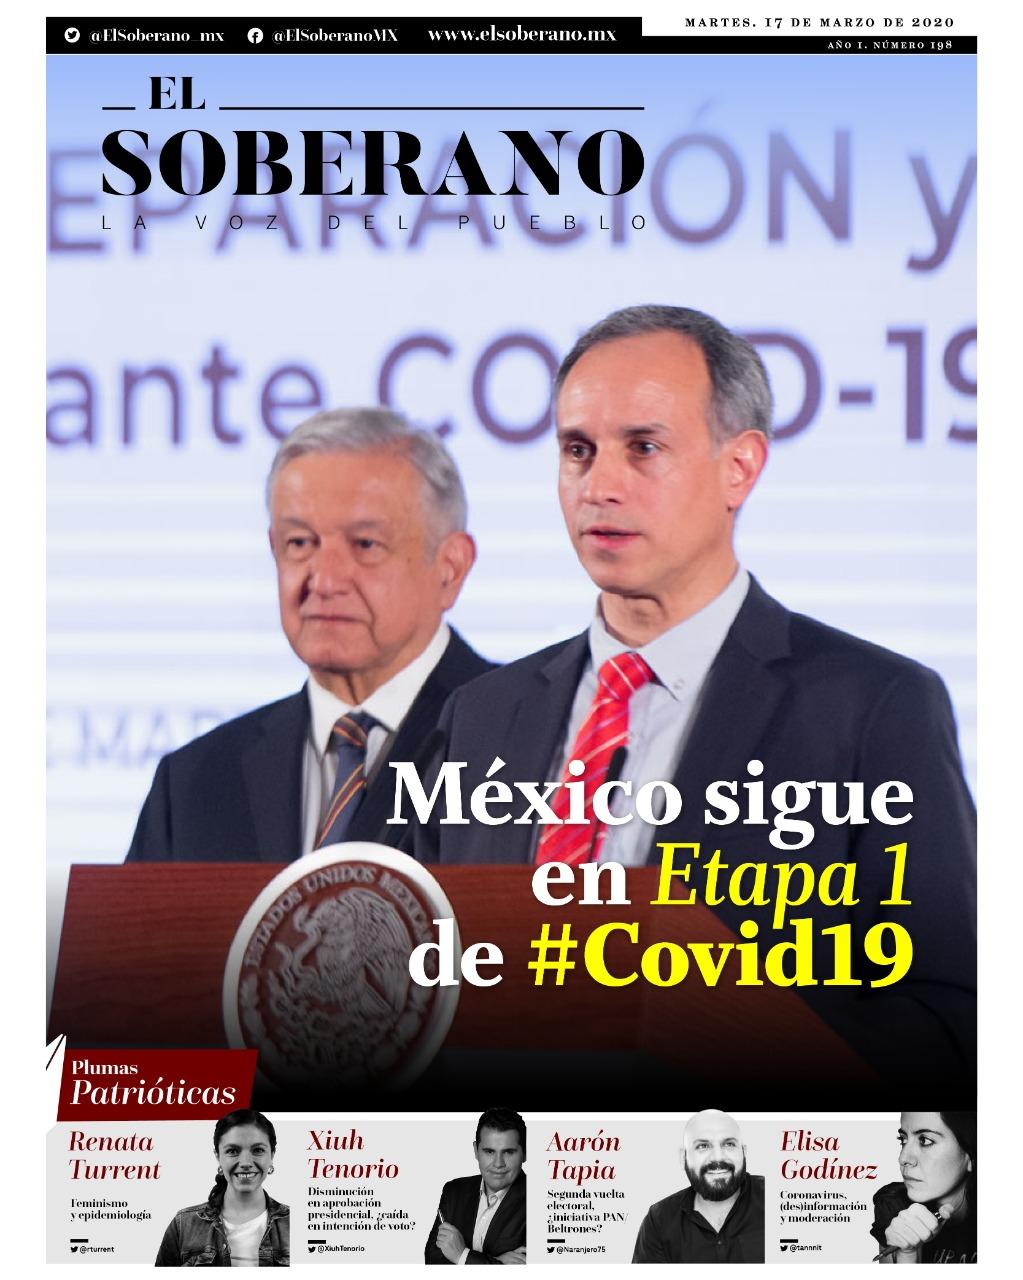 México sigue en Etapa 1 de #Covid_19